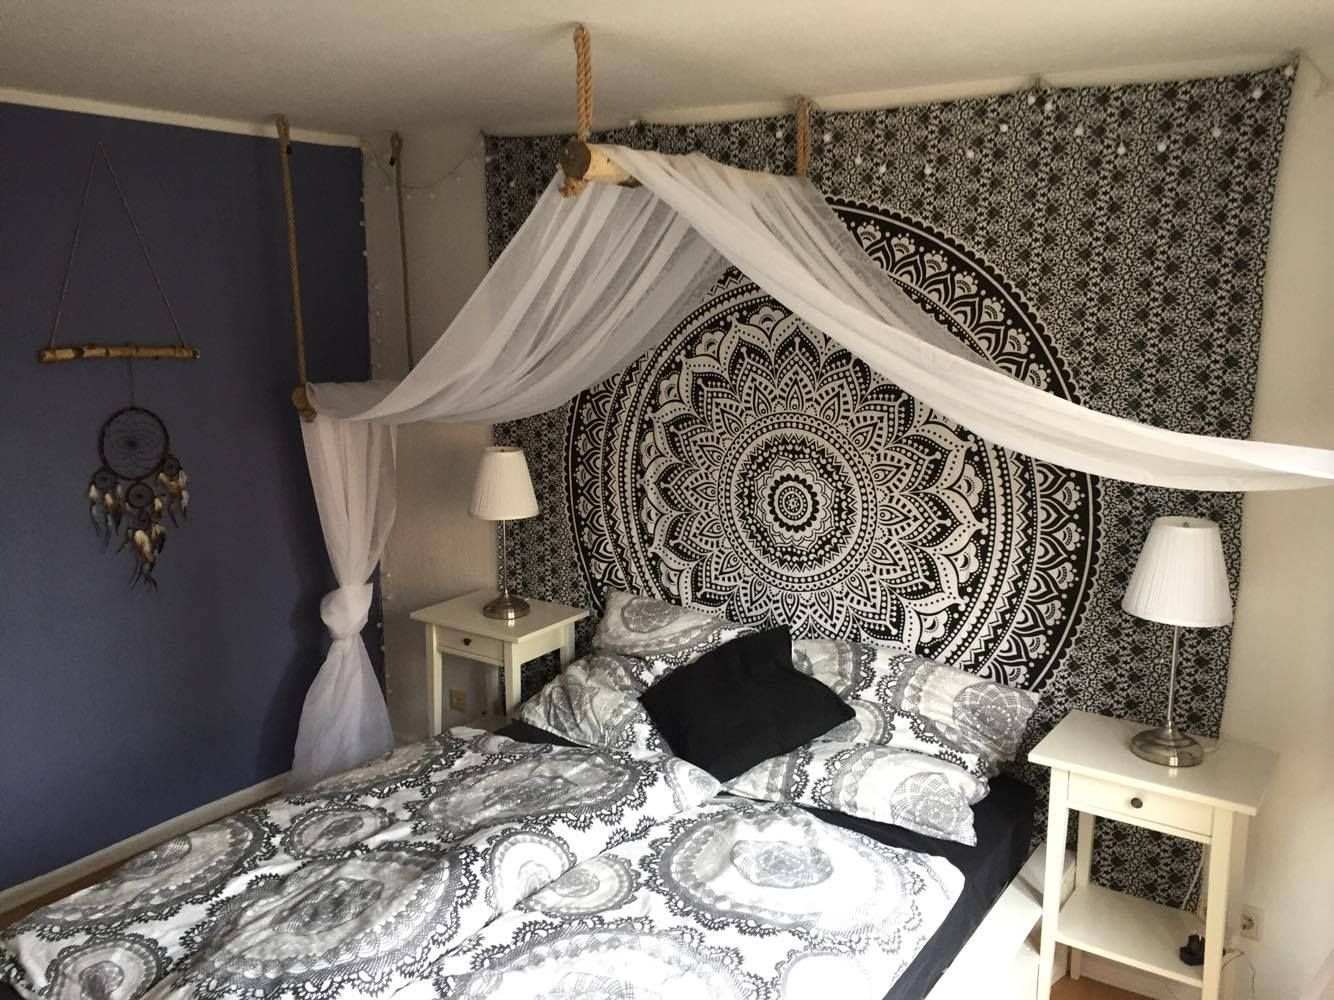 traditionelle indische tagesdecken und wandtuecher handmade in indien dekoration f r zuhause. Black Bedroom Furniture Sets. Home Design Ideas